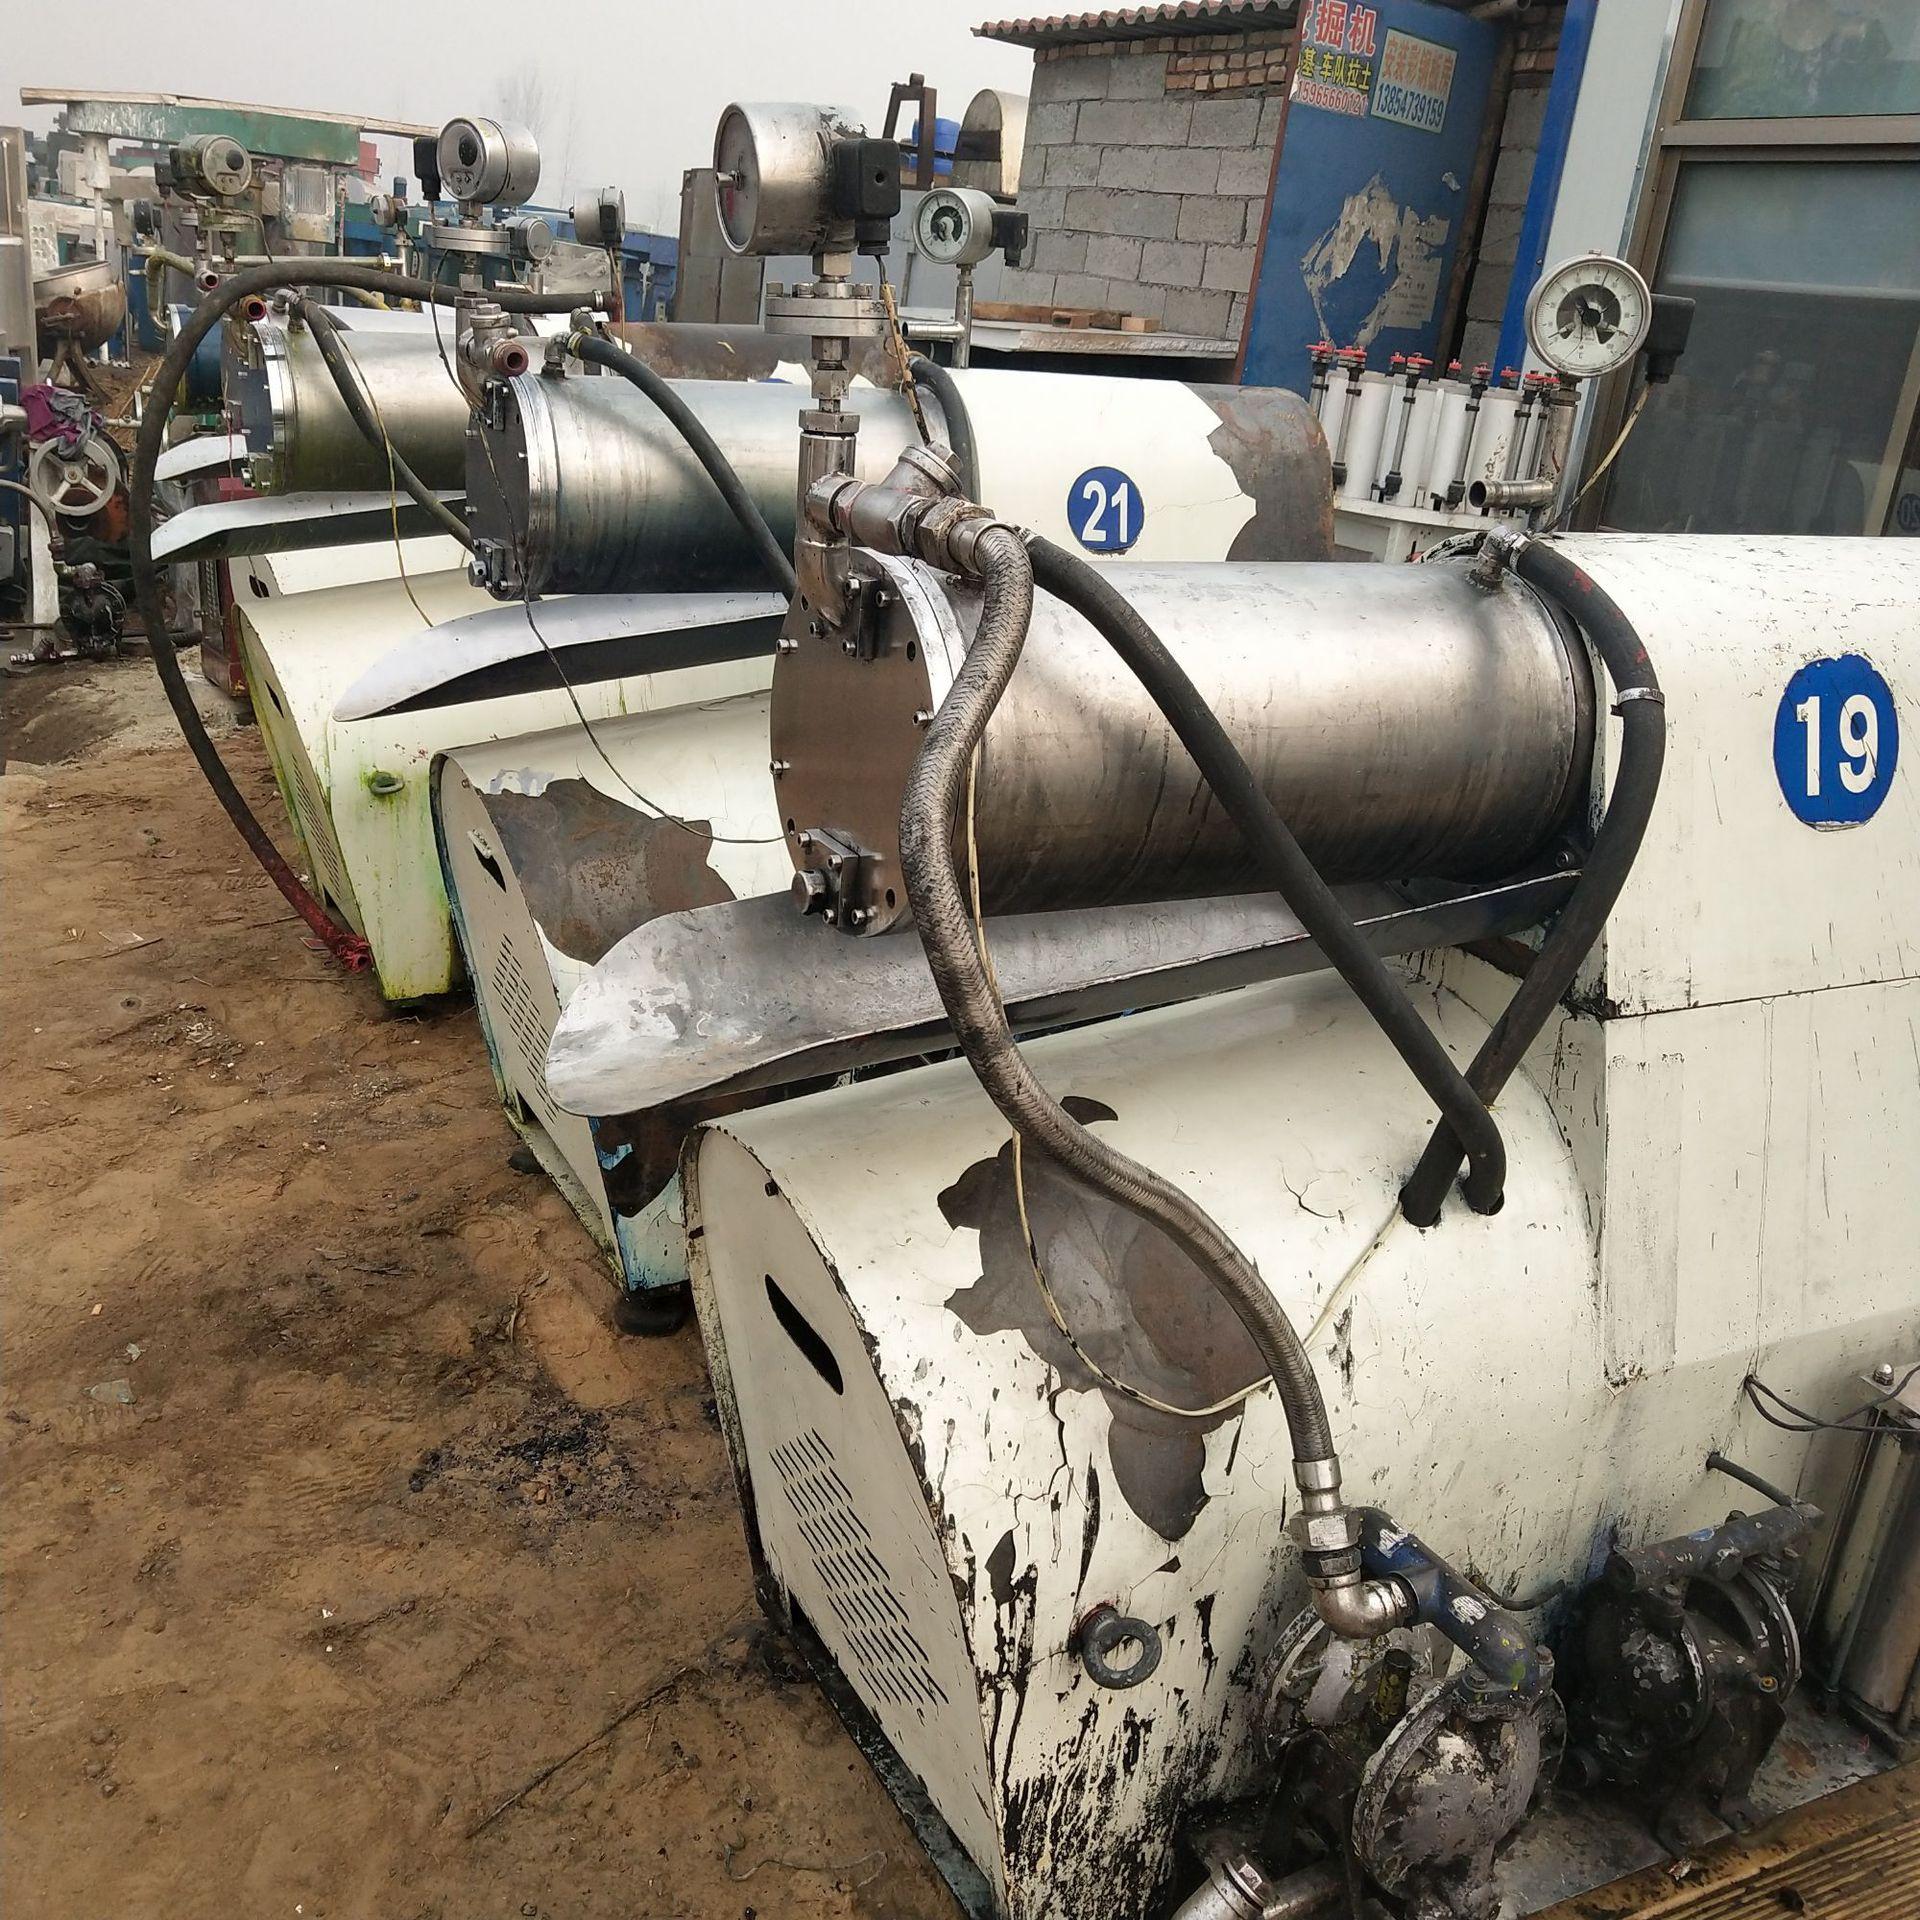 出售二手30升砂磨机 二手22千瓦分散机 二手三滚研磨机示例图7